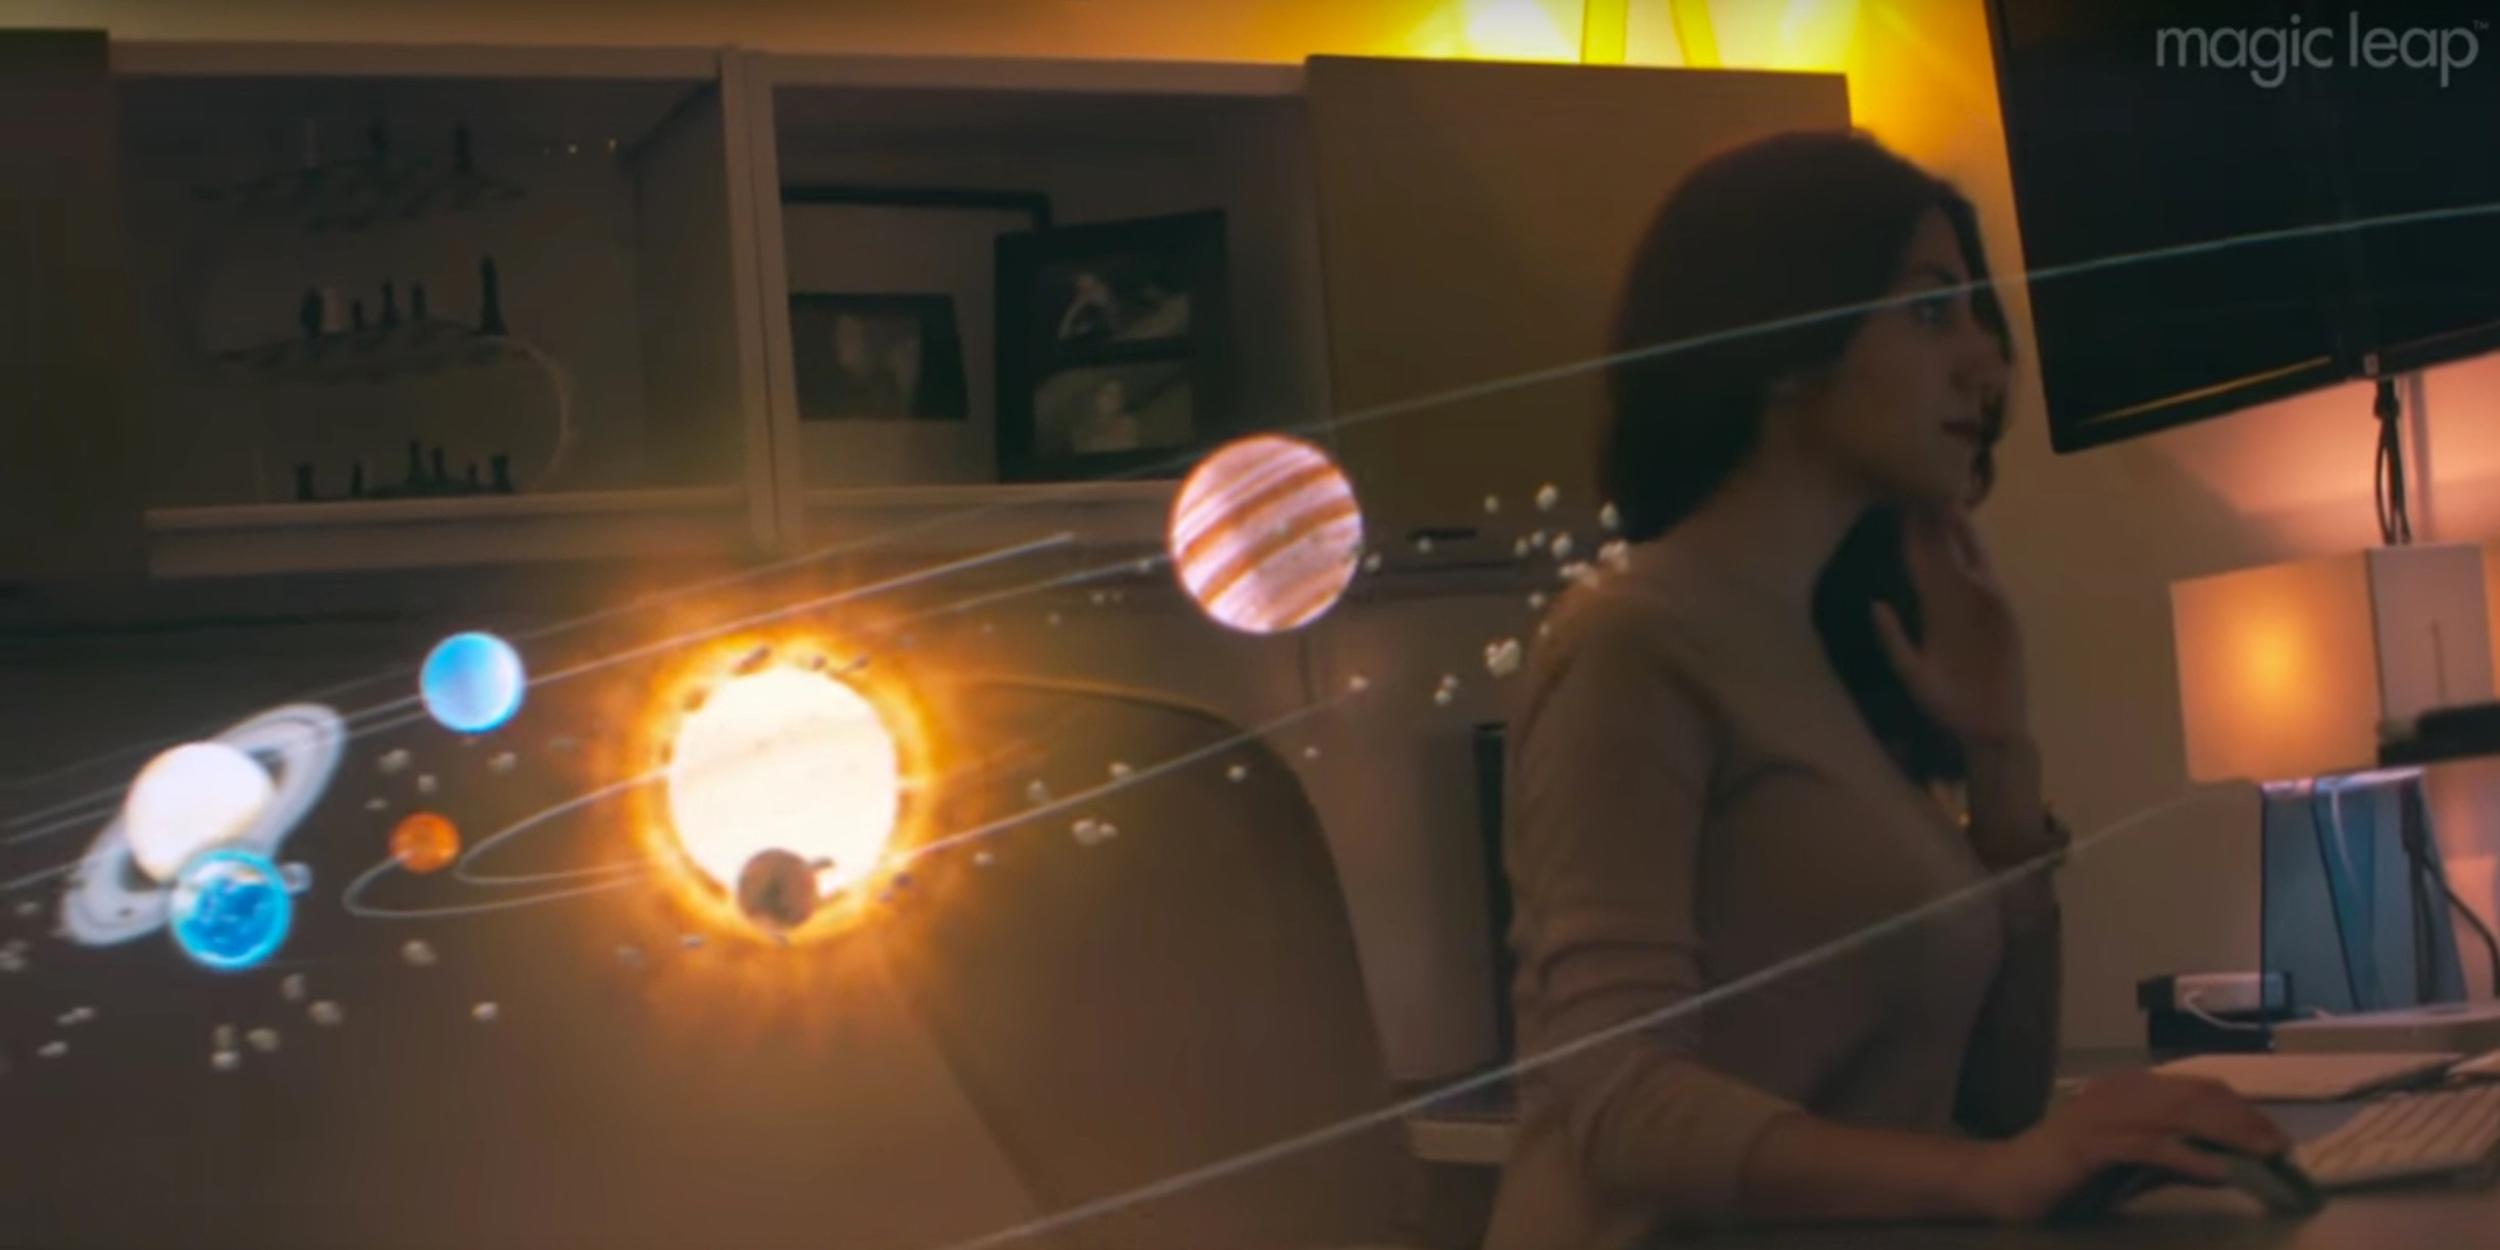 ВИДЕО: Magic Leap показала свой проект дополненной реальности